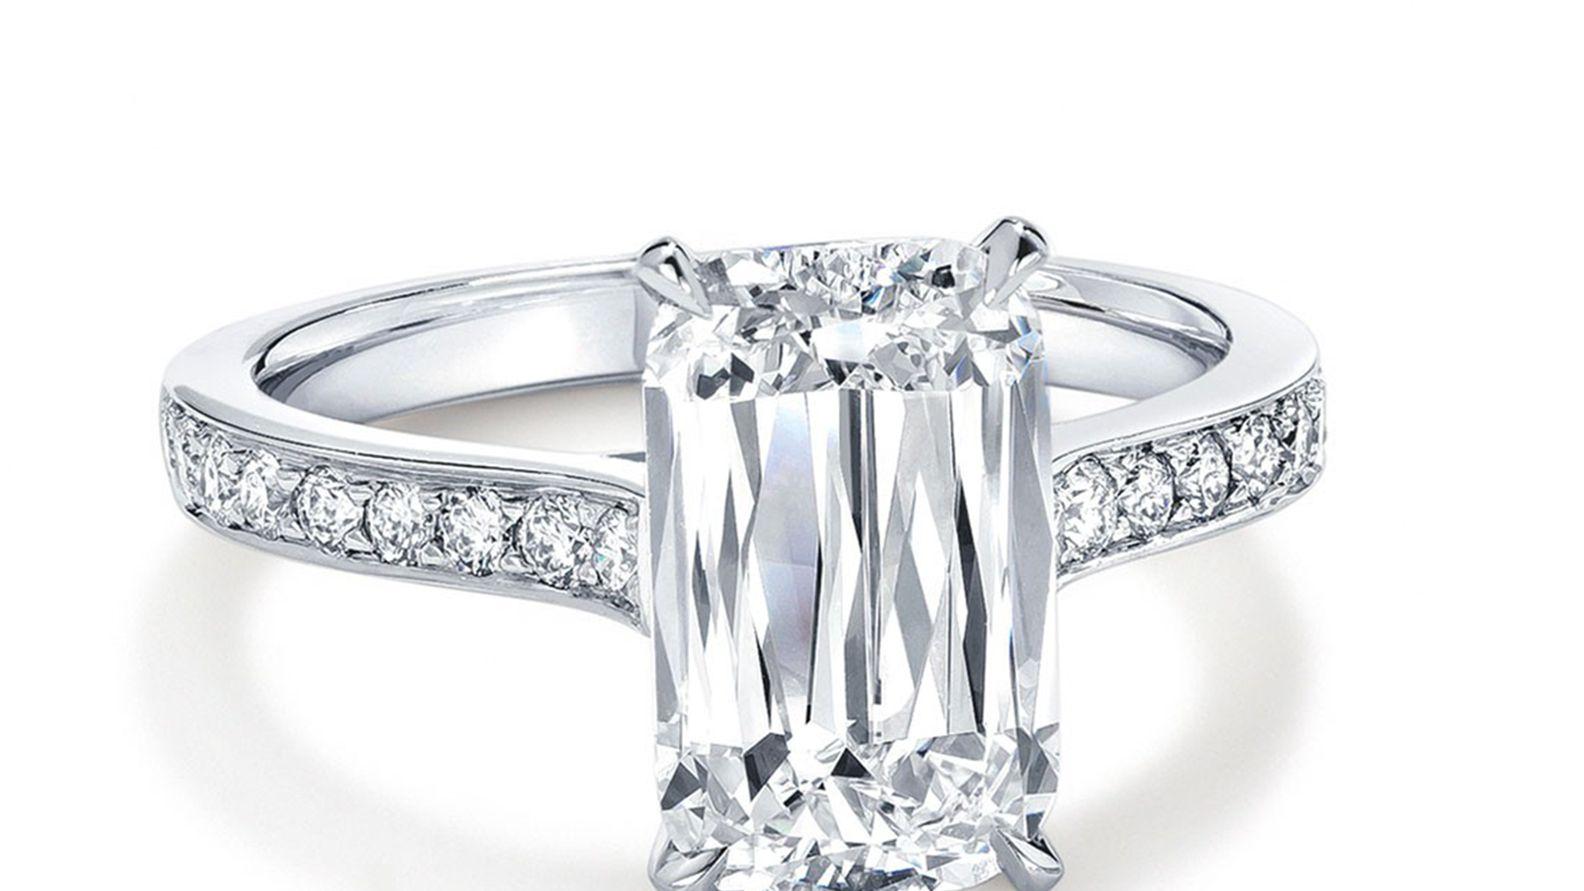 What Is An Ashoka Cut Diamond